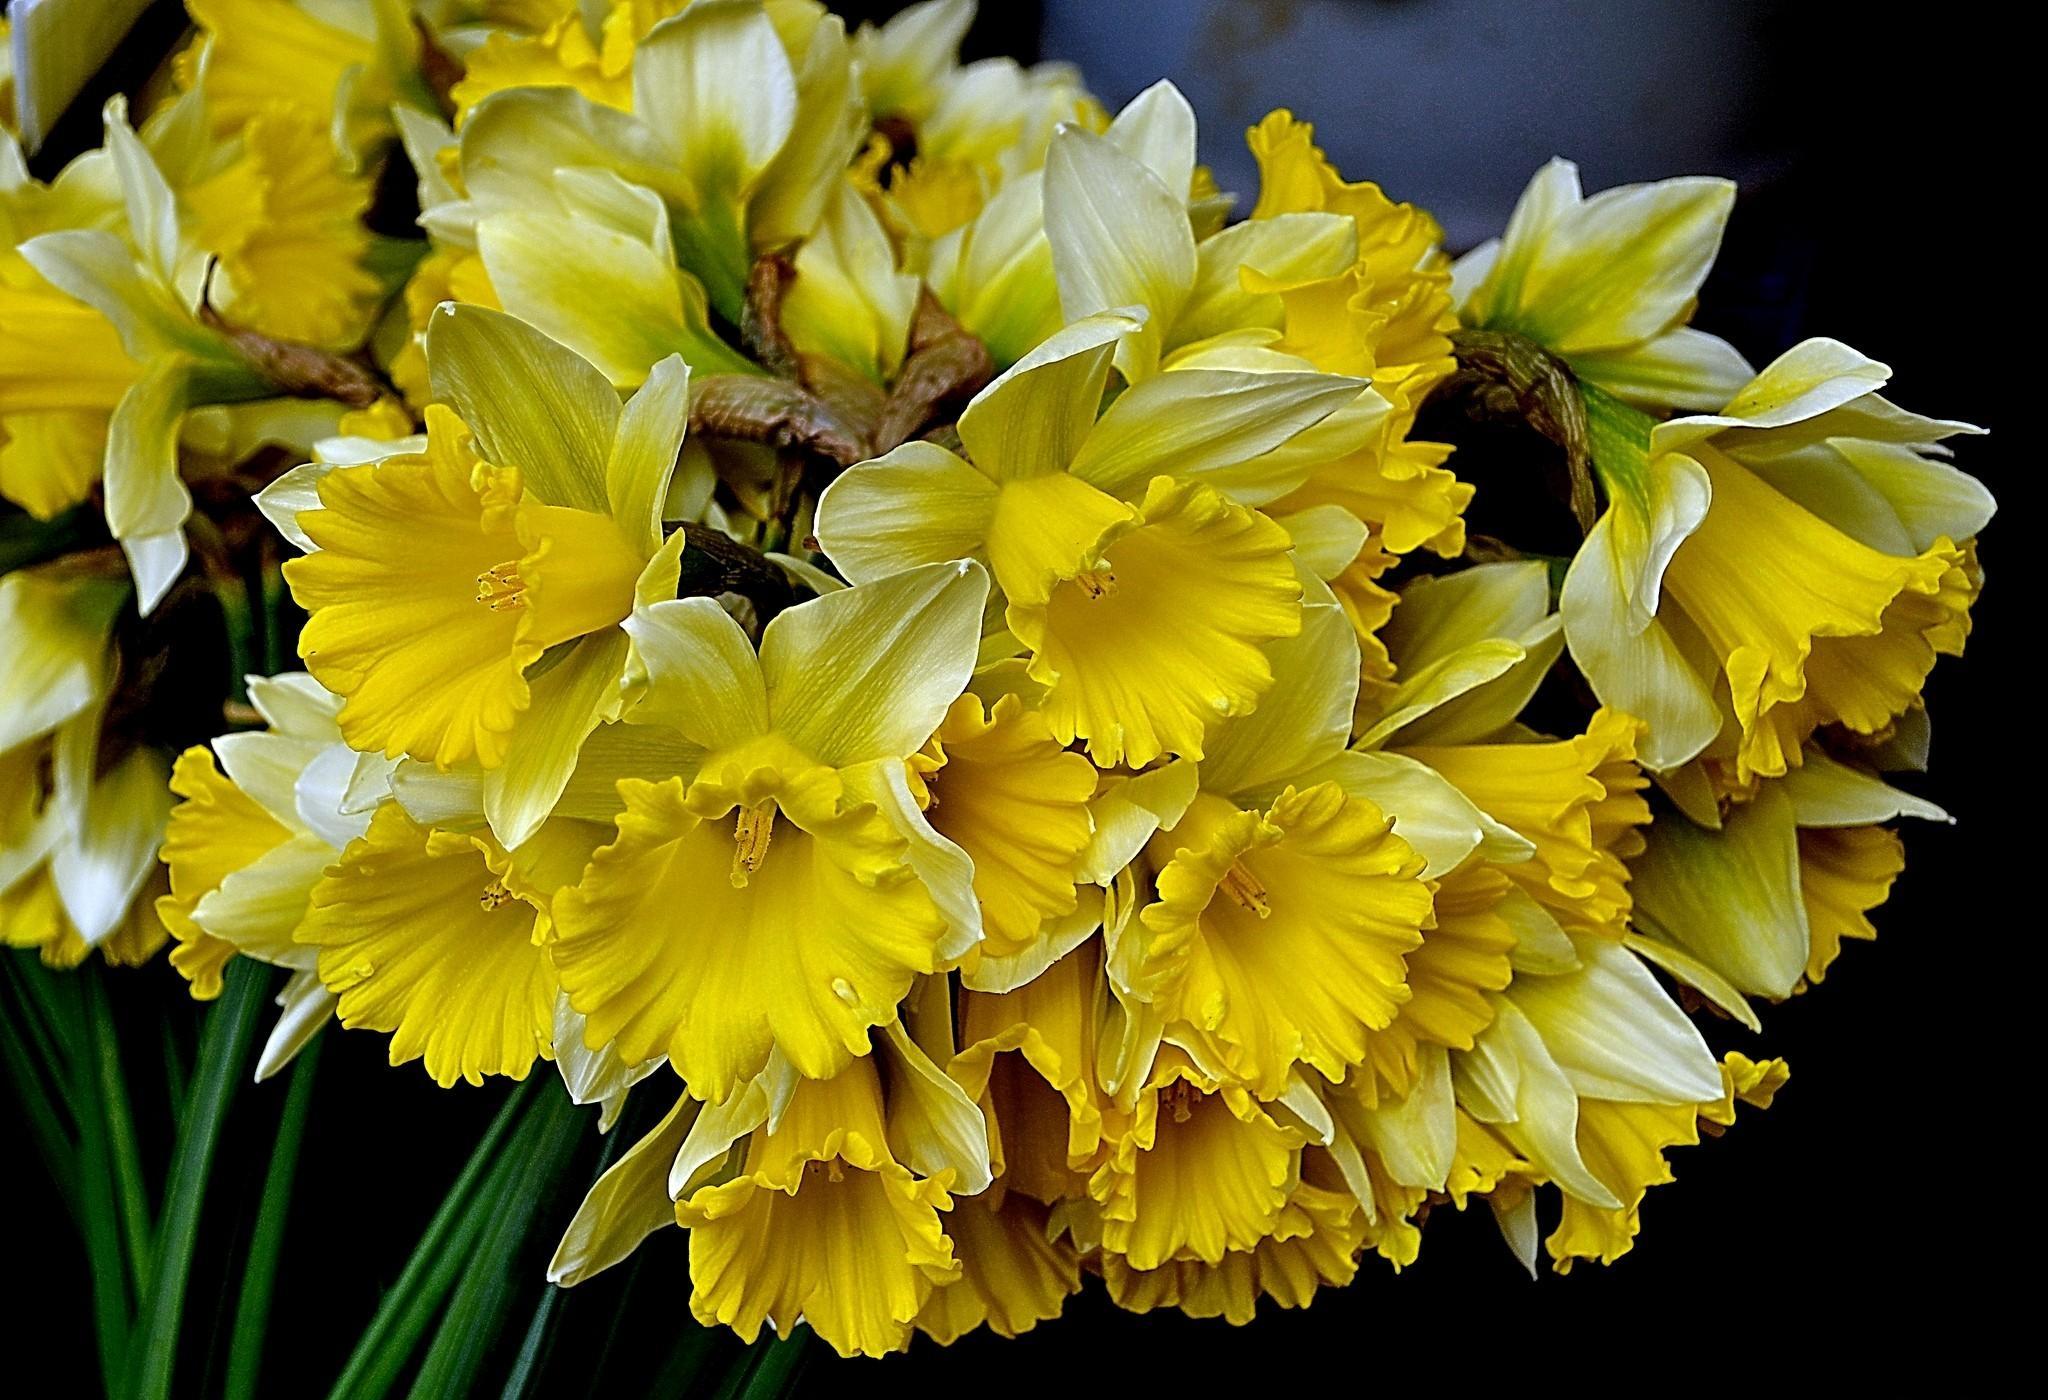 136464 Заставки и Обои Нарциссы на телефон. Скачать Весна, Цветы, Нарциссы, Букет картинки бесплатно